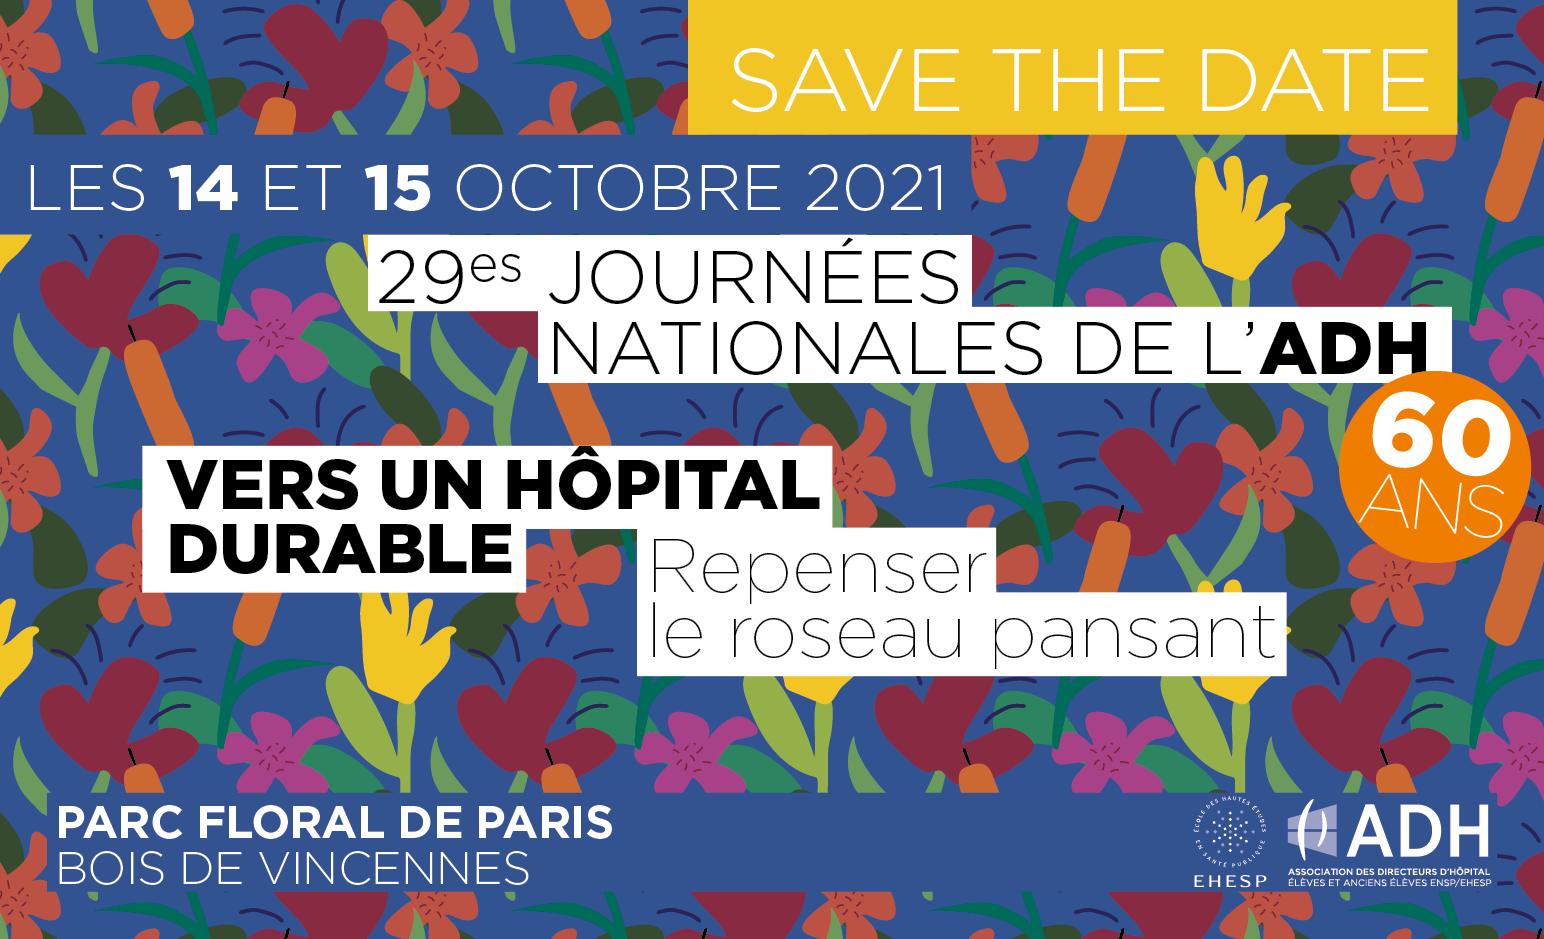 Journées nationales 2021: les 14 et 15 octobre!